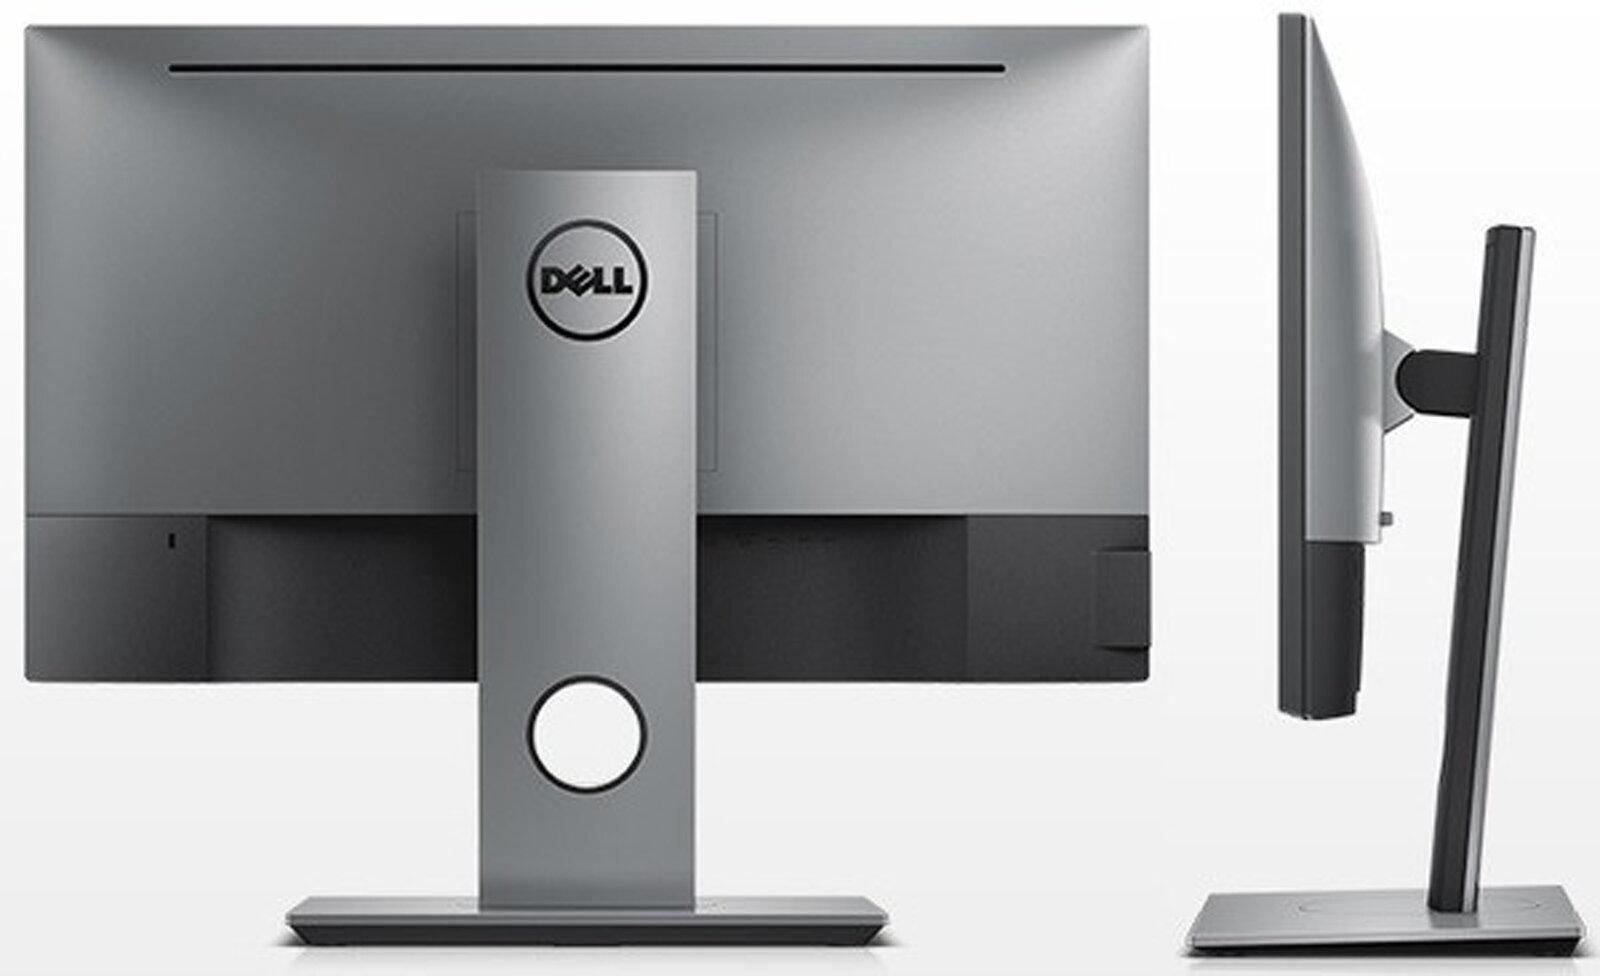 Thiết kế mặt sau chắc chắn của màn hình Dell U2417H